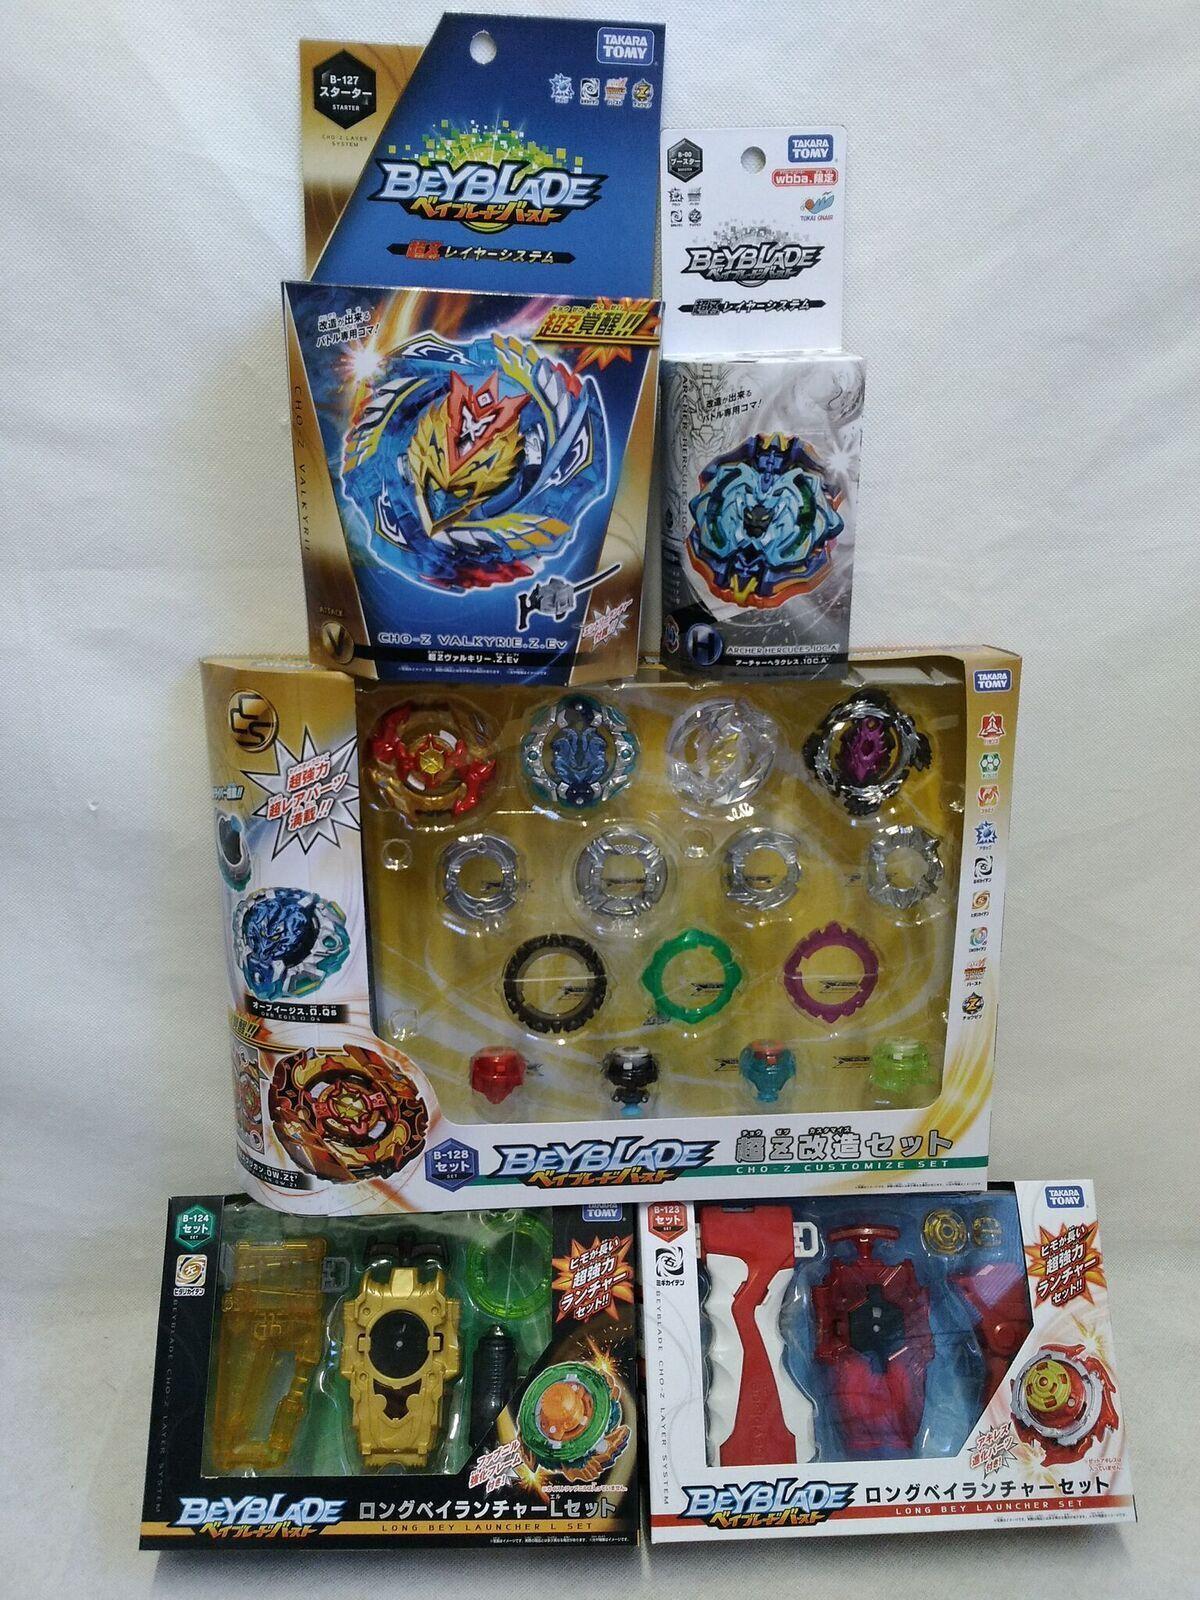 Takara Tomy Beyblade Burst B128 & B127 & B124 & B123 & B-00 Cho-Z Custom Set